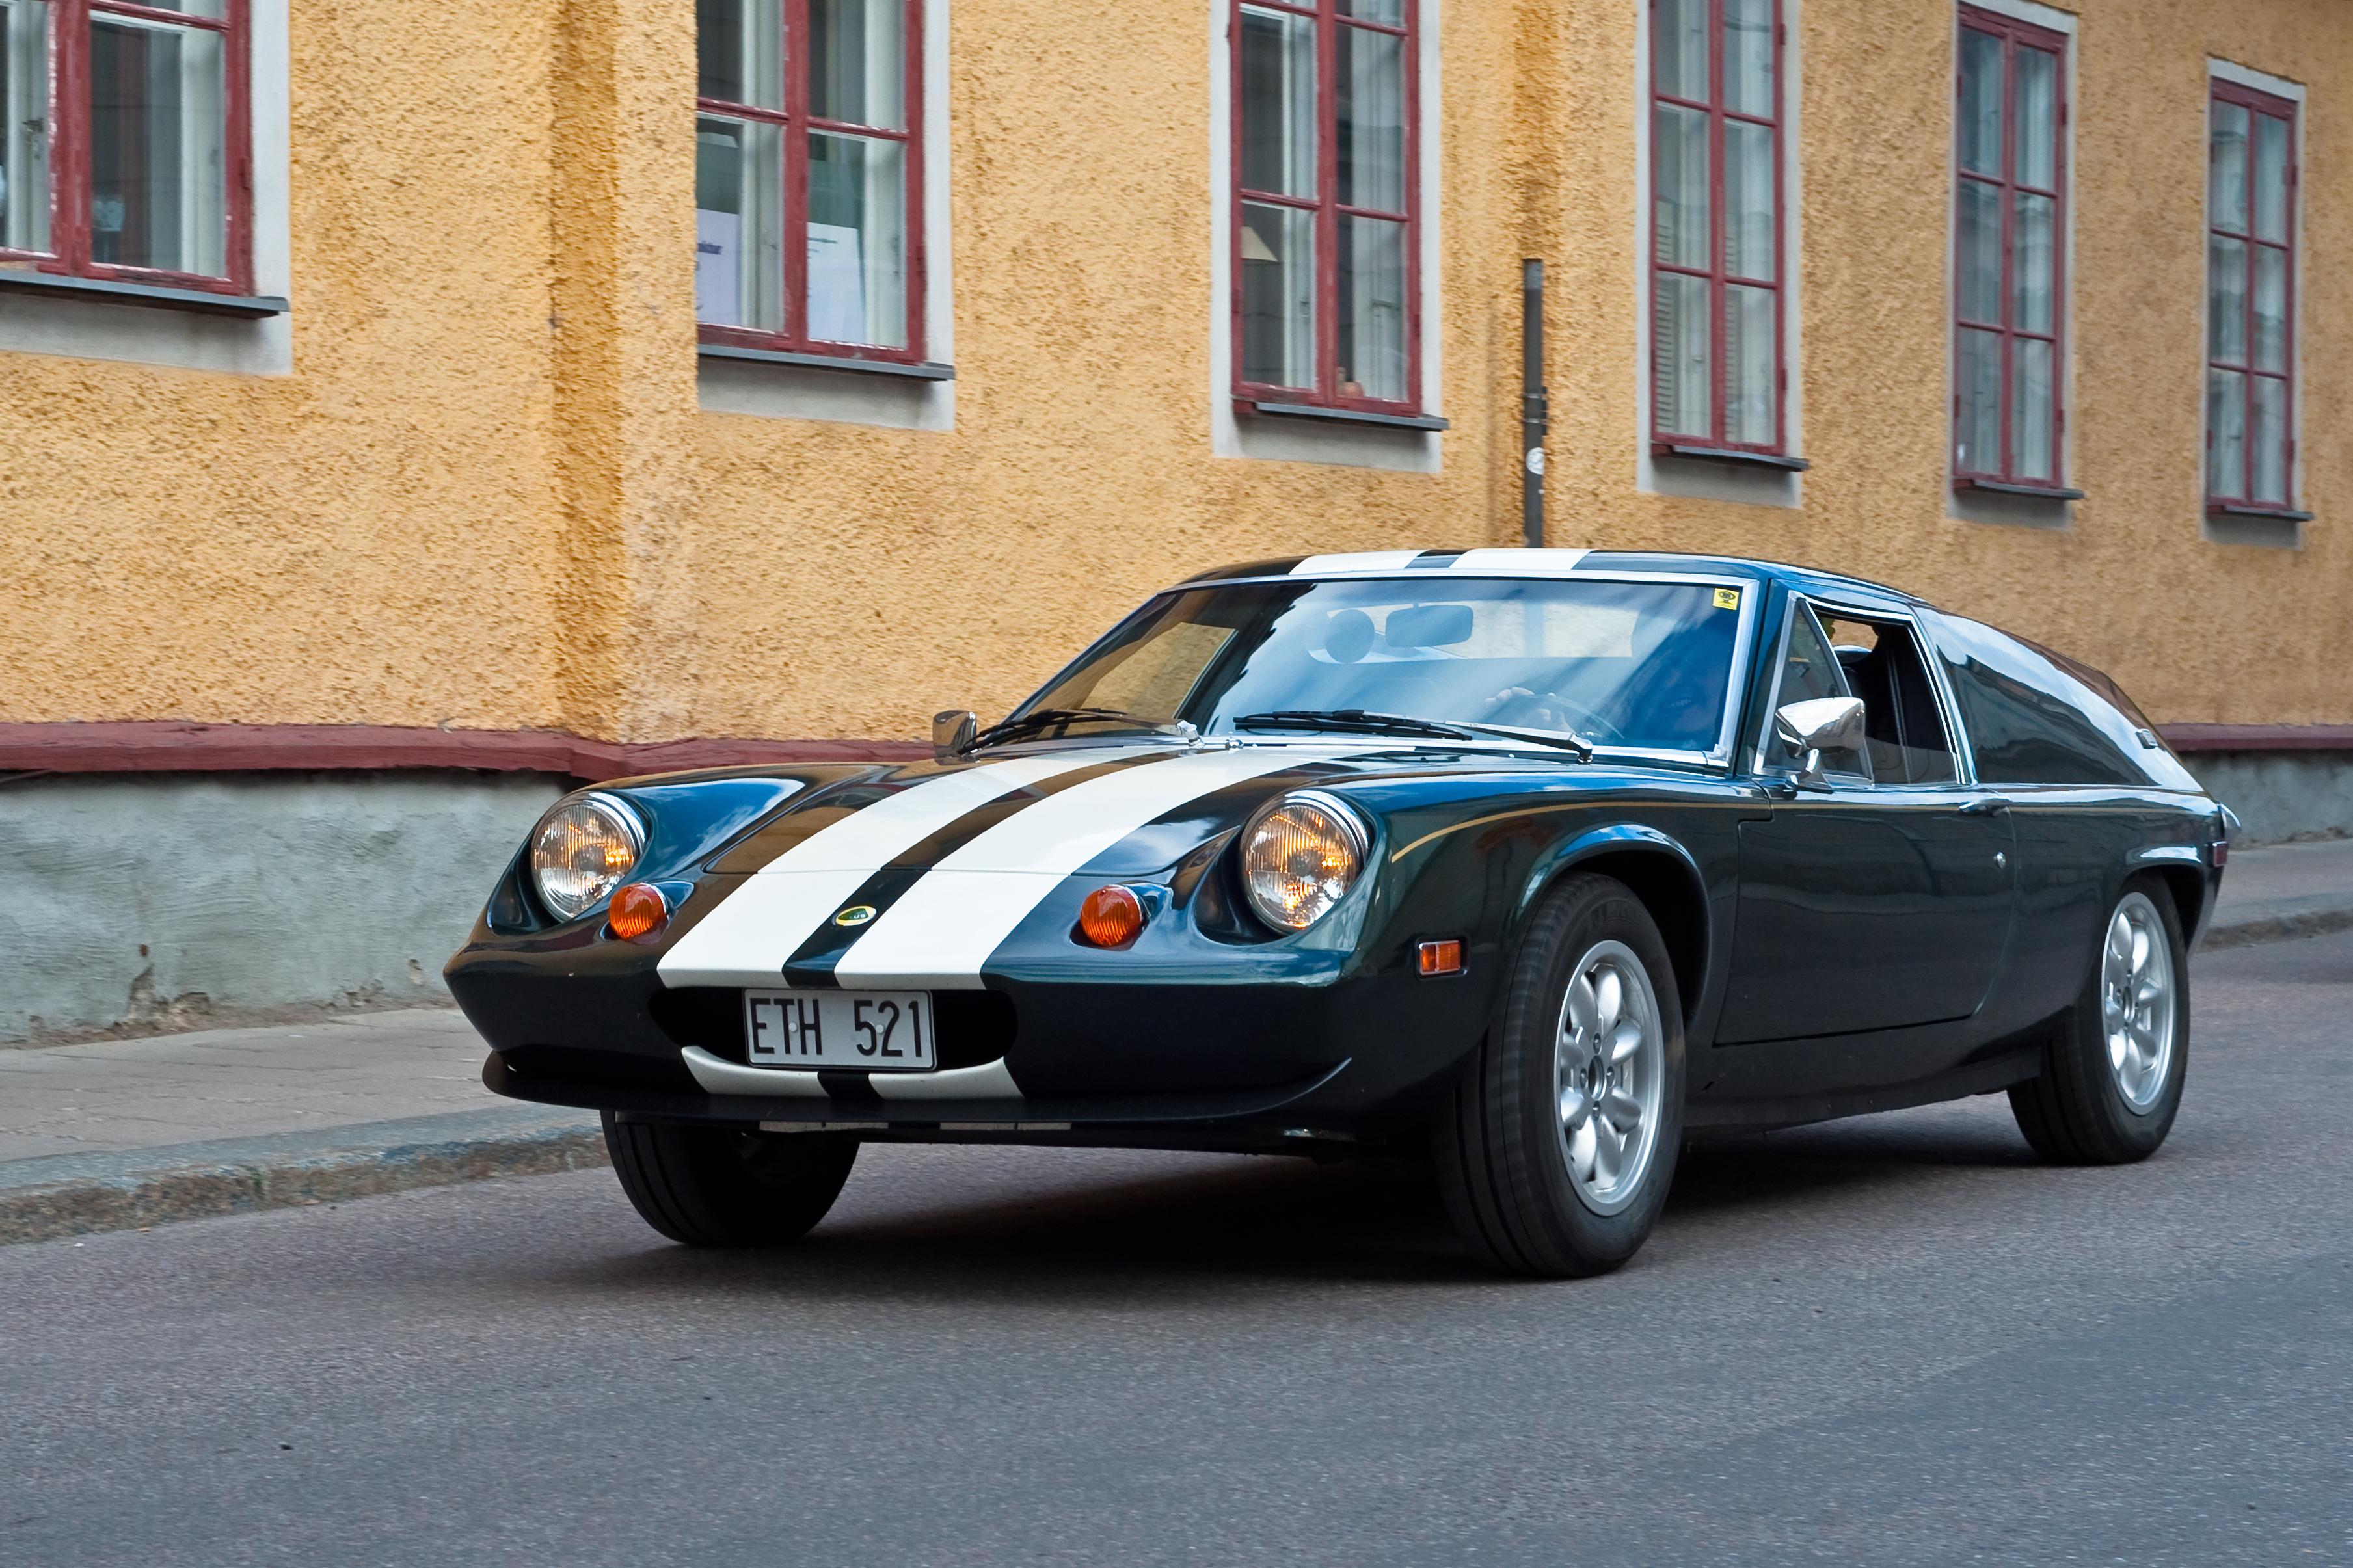 Lotus europa s 2 1971 photo